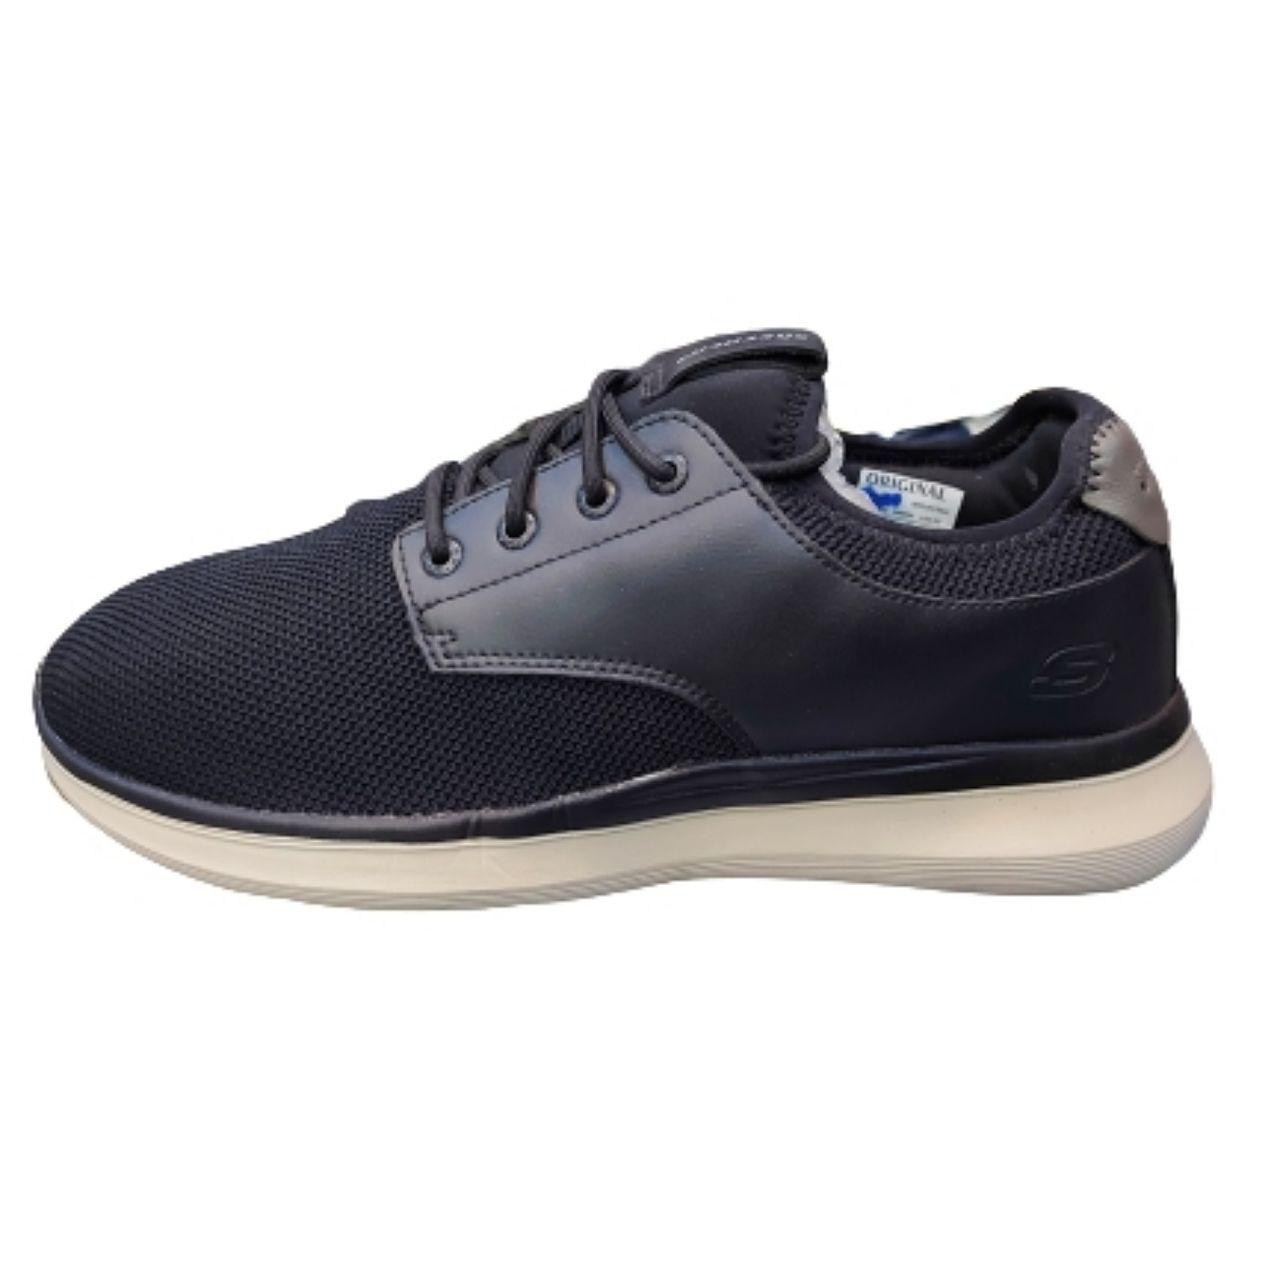 کفش راحتی مردانه اسکچرز مدل Sn-5058